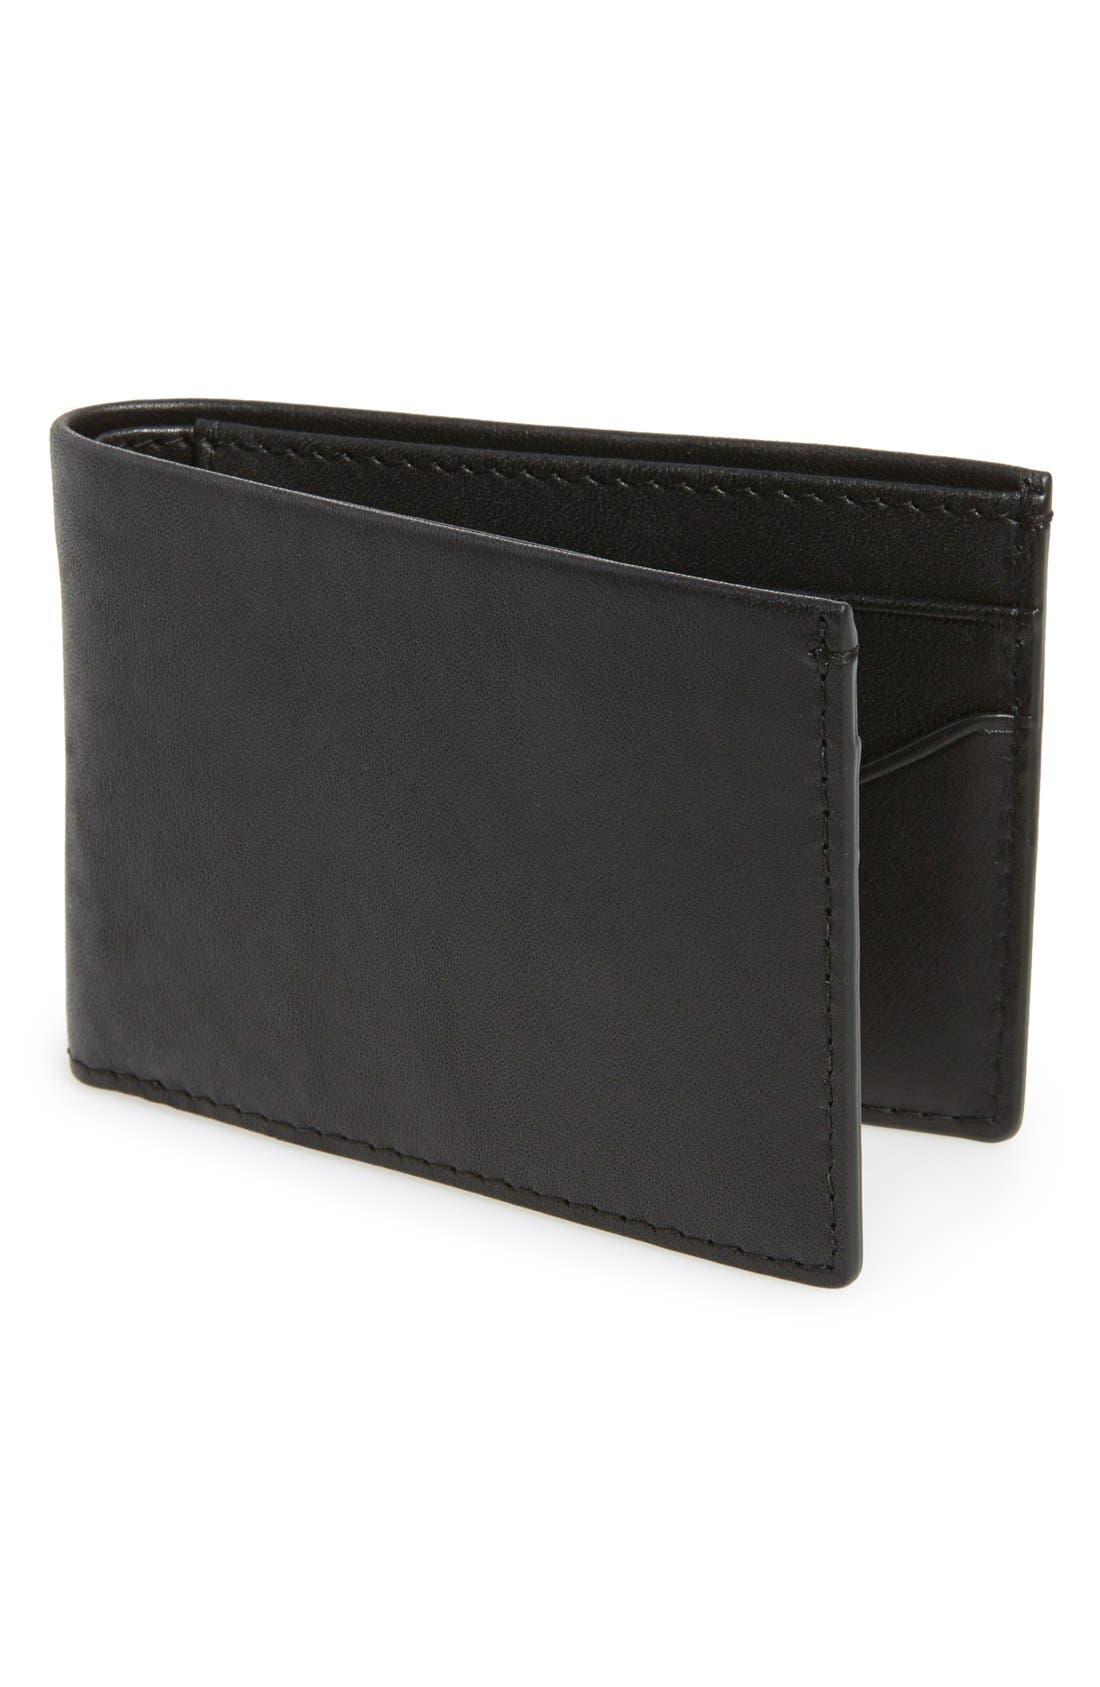 Alternate Image 1 Selected - Skagen'Ambold' Leather Wallet